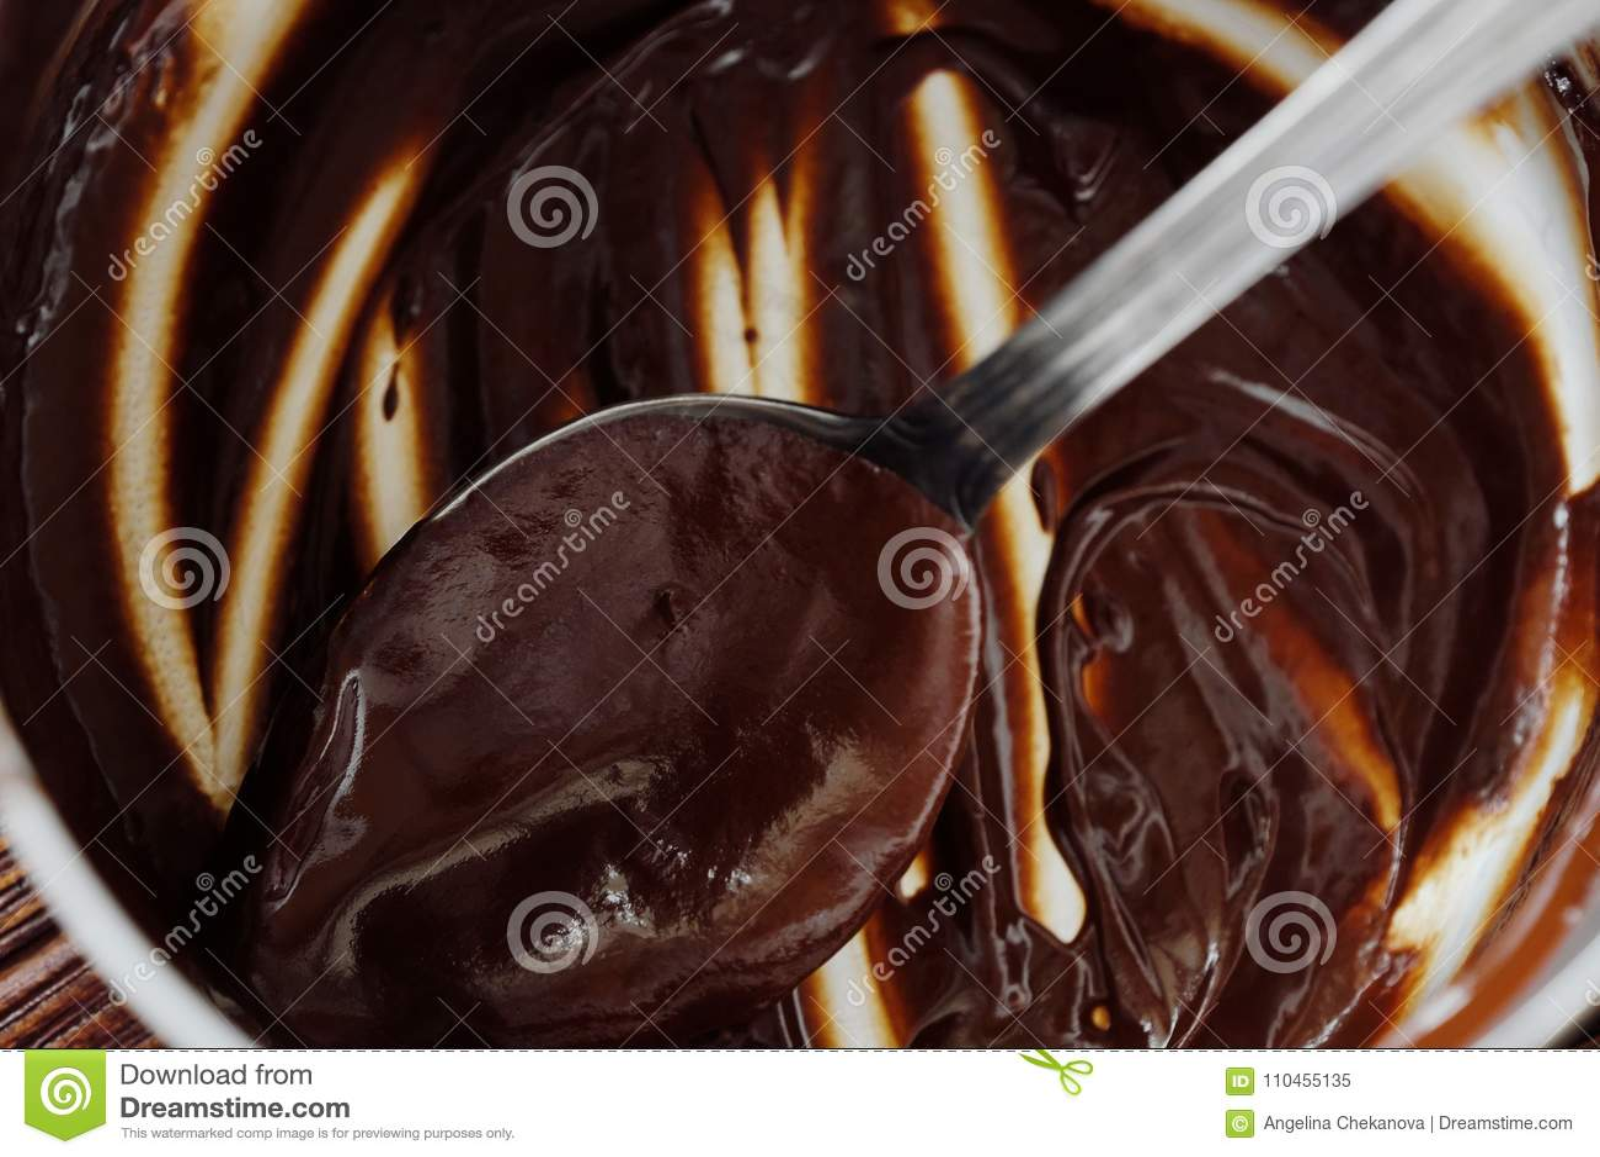 Läcker tjock varm choklad - brun färg